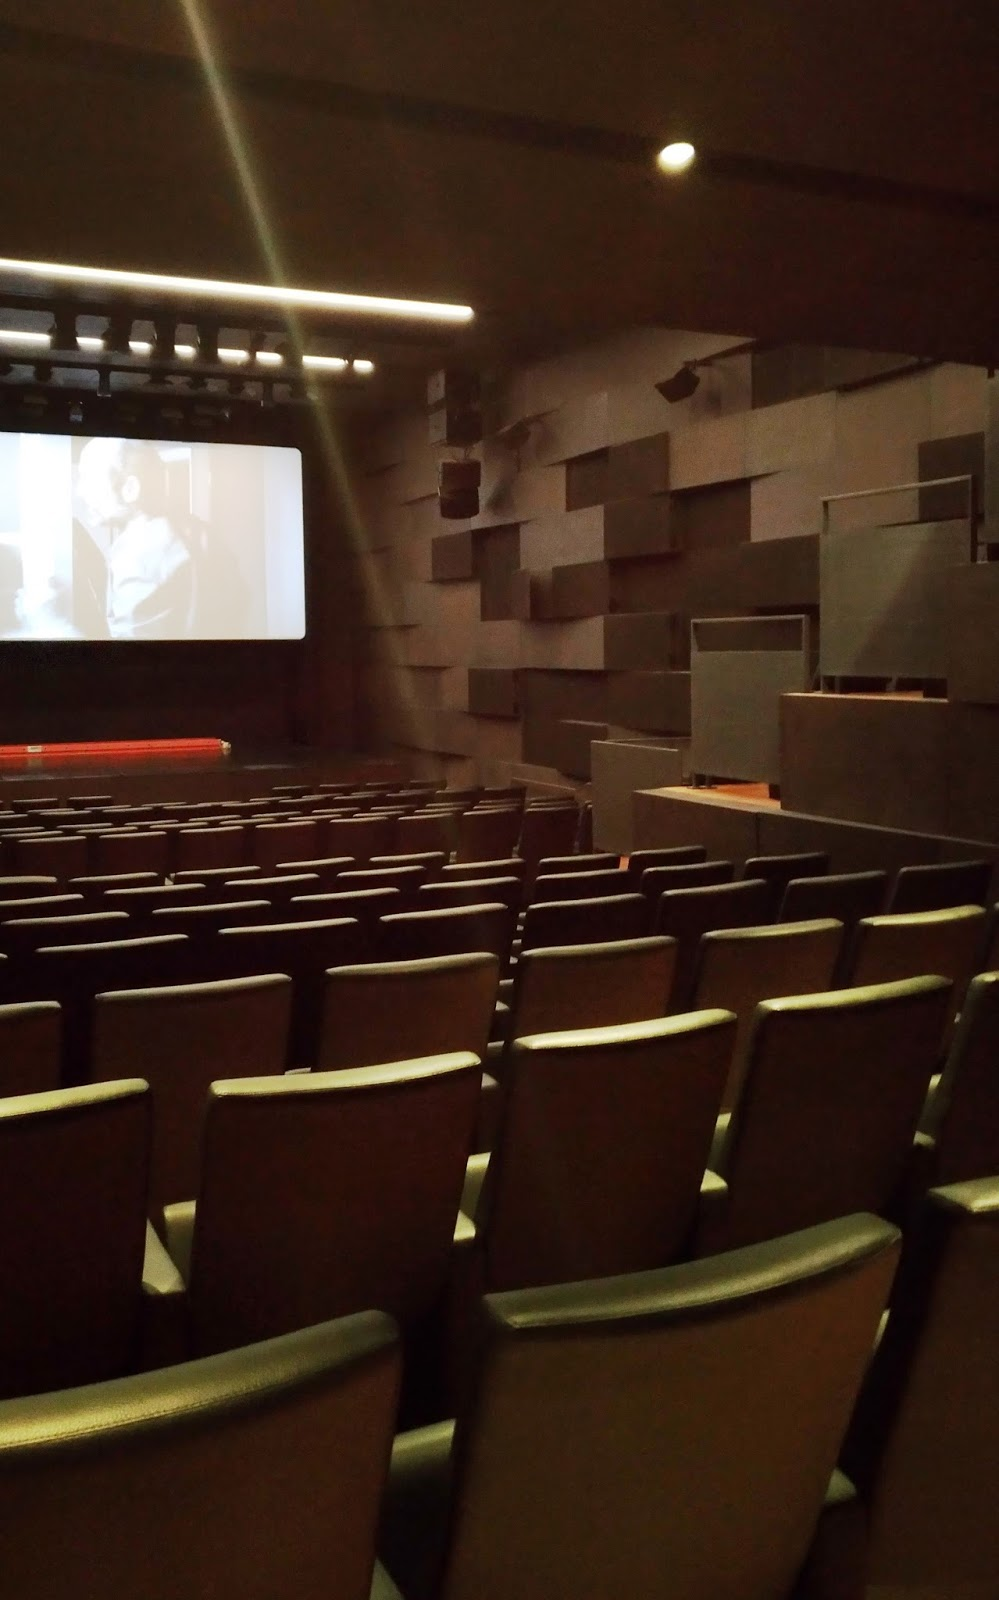 Circuito Cinema Sp : Salas de cinema de sÃo paulo instituto moreira salles ims são